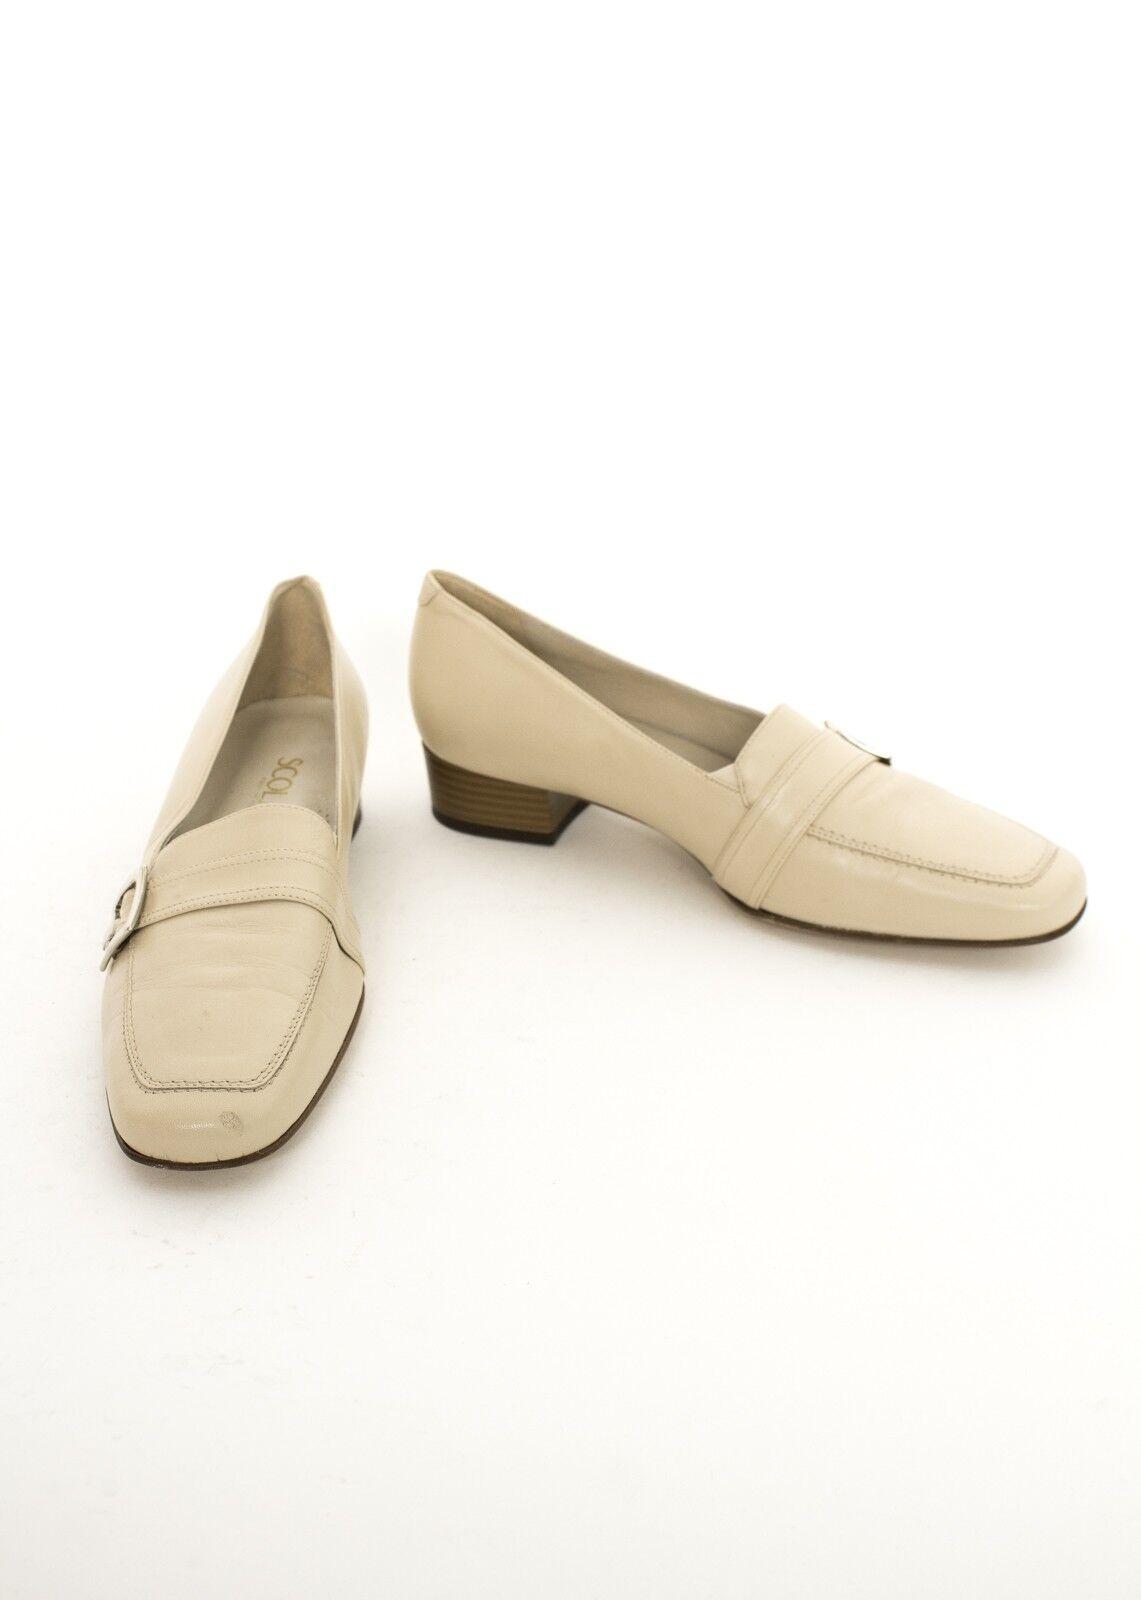 Los últimos zapatos de descuento para hombres y mujeres Descuento por tiempo limitado SCOLARO Schuhe Leder Neu Gr. 41